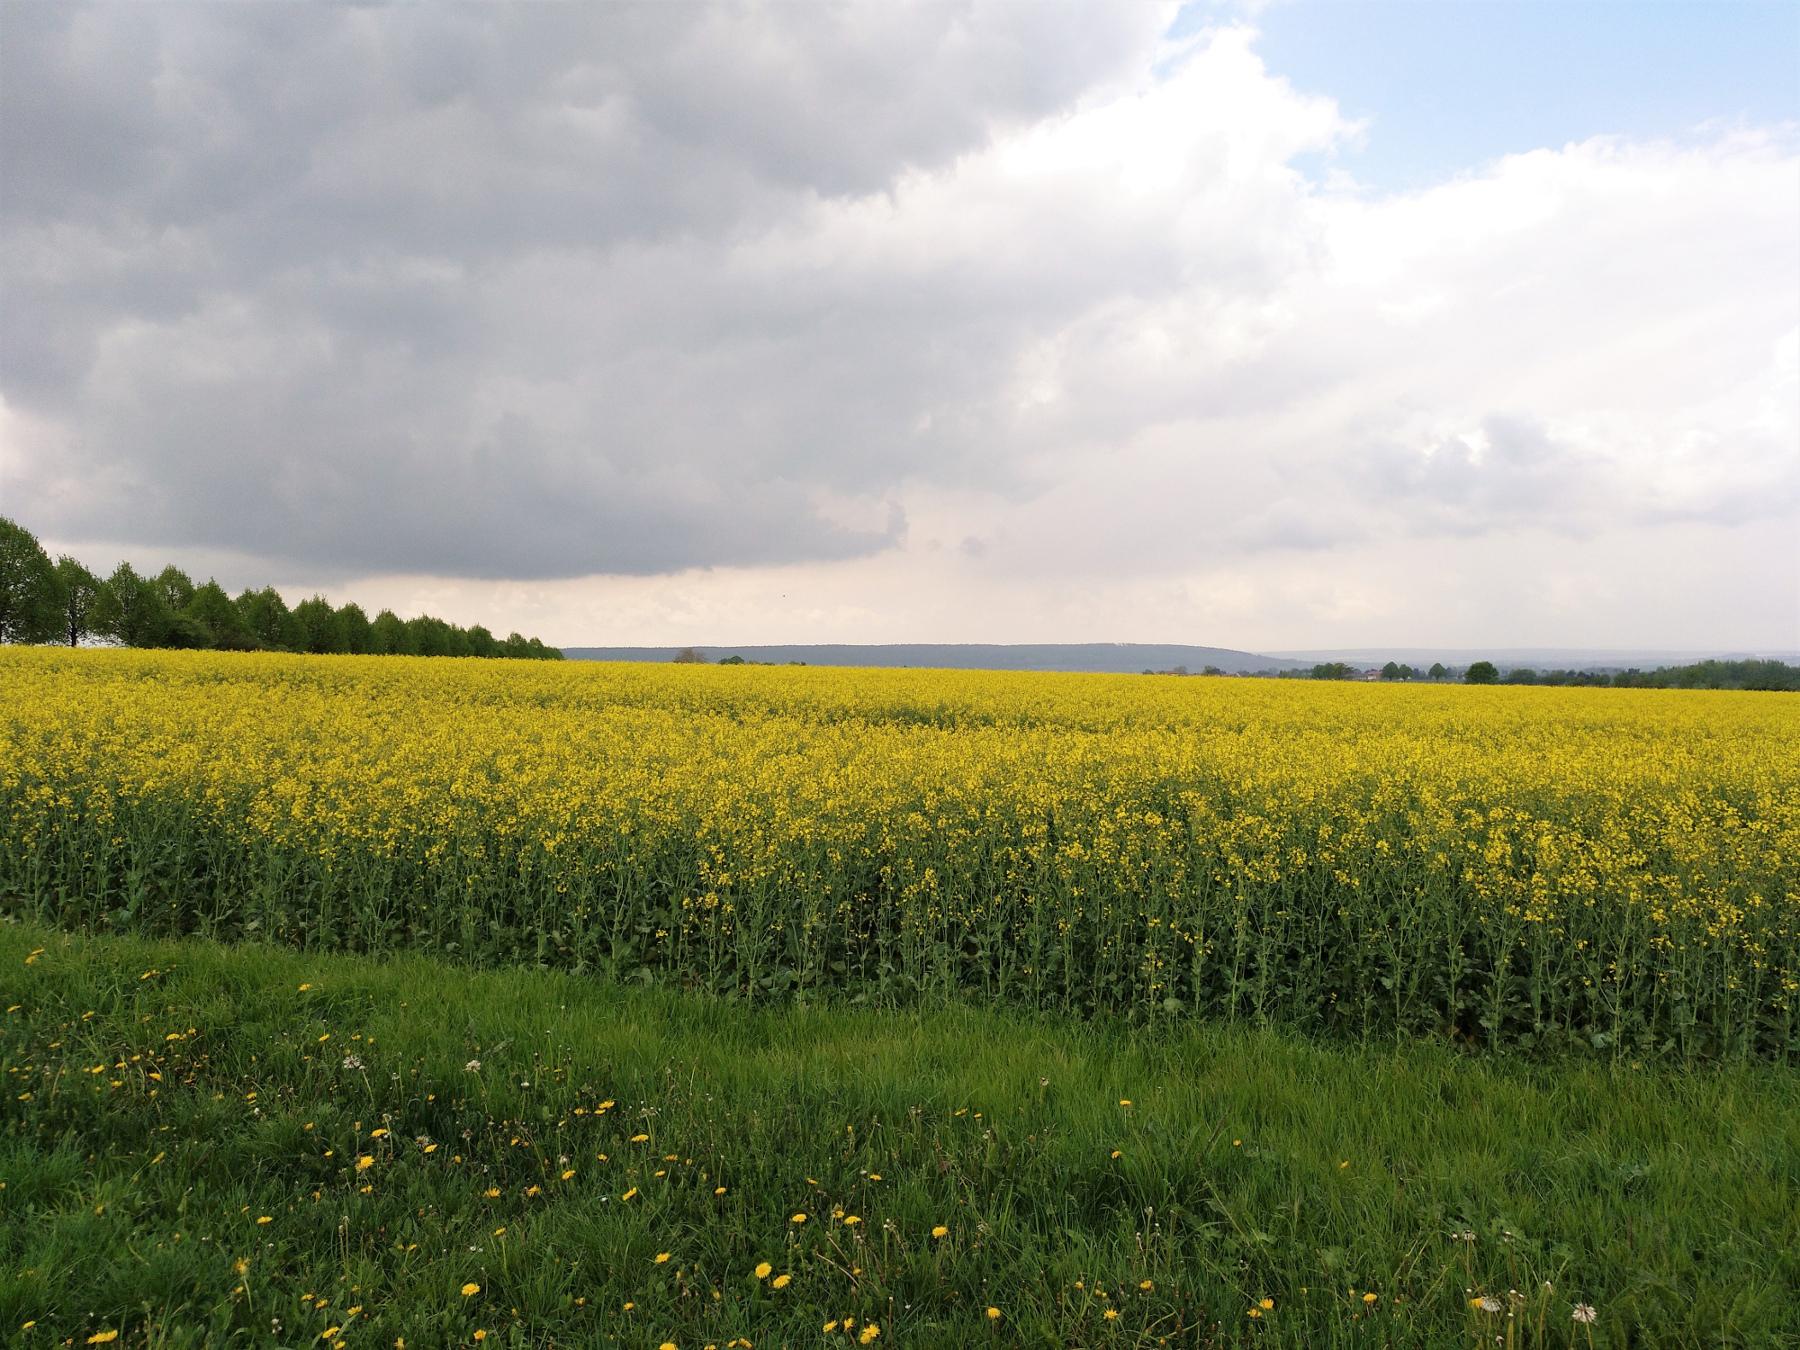 gelb blühendes Rapsfeld in der Landschaft des nördlichen Harzvorlandes